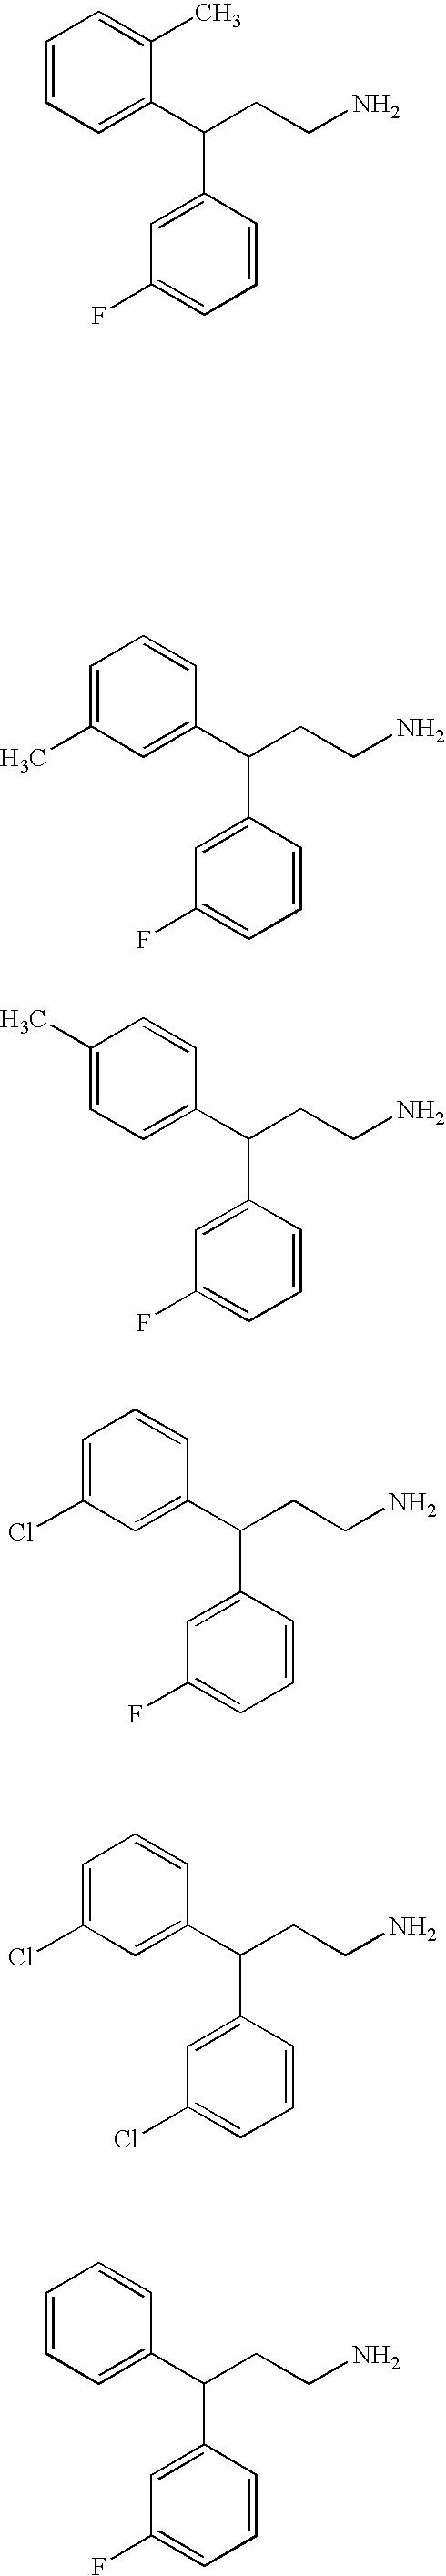 Figure US20050282859A1-20051222-C00040